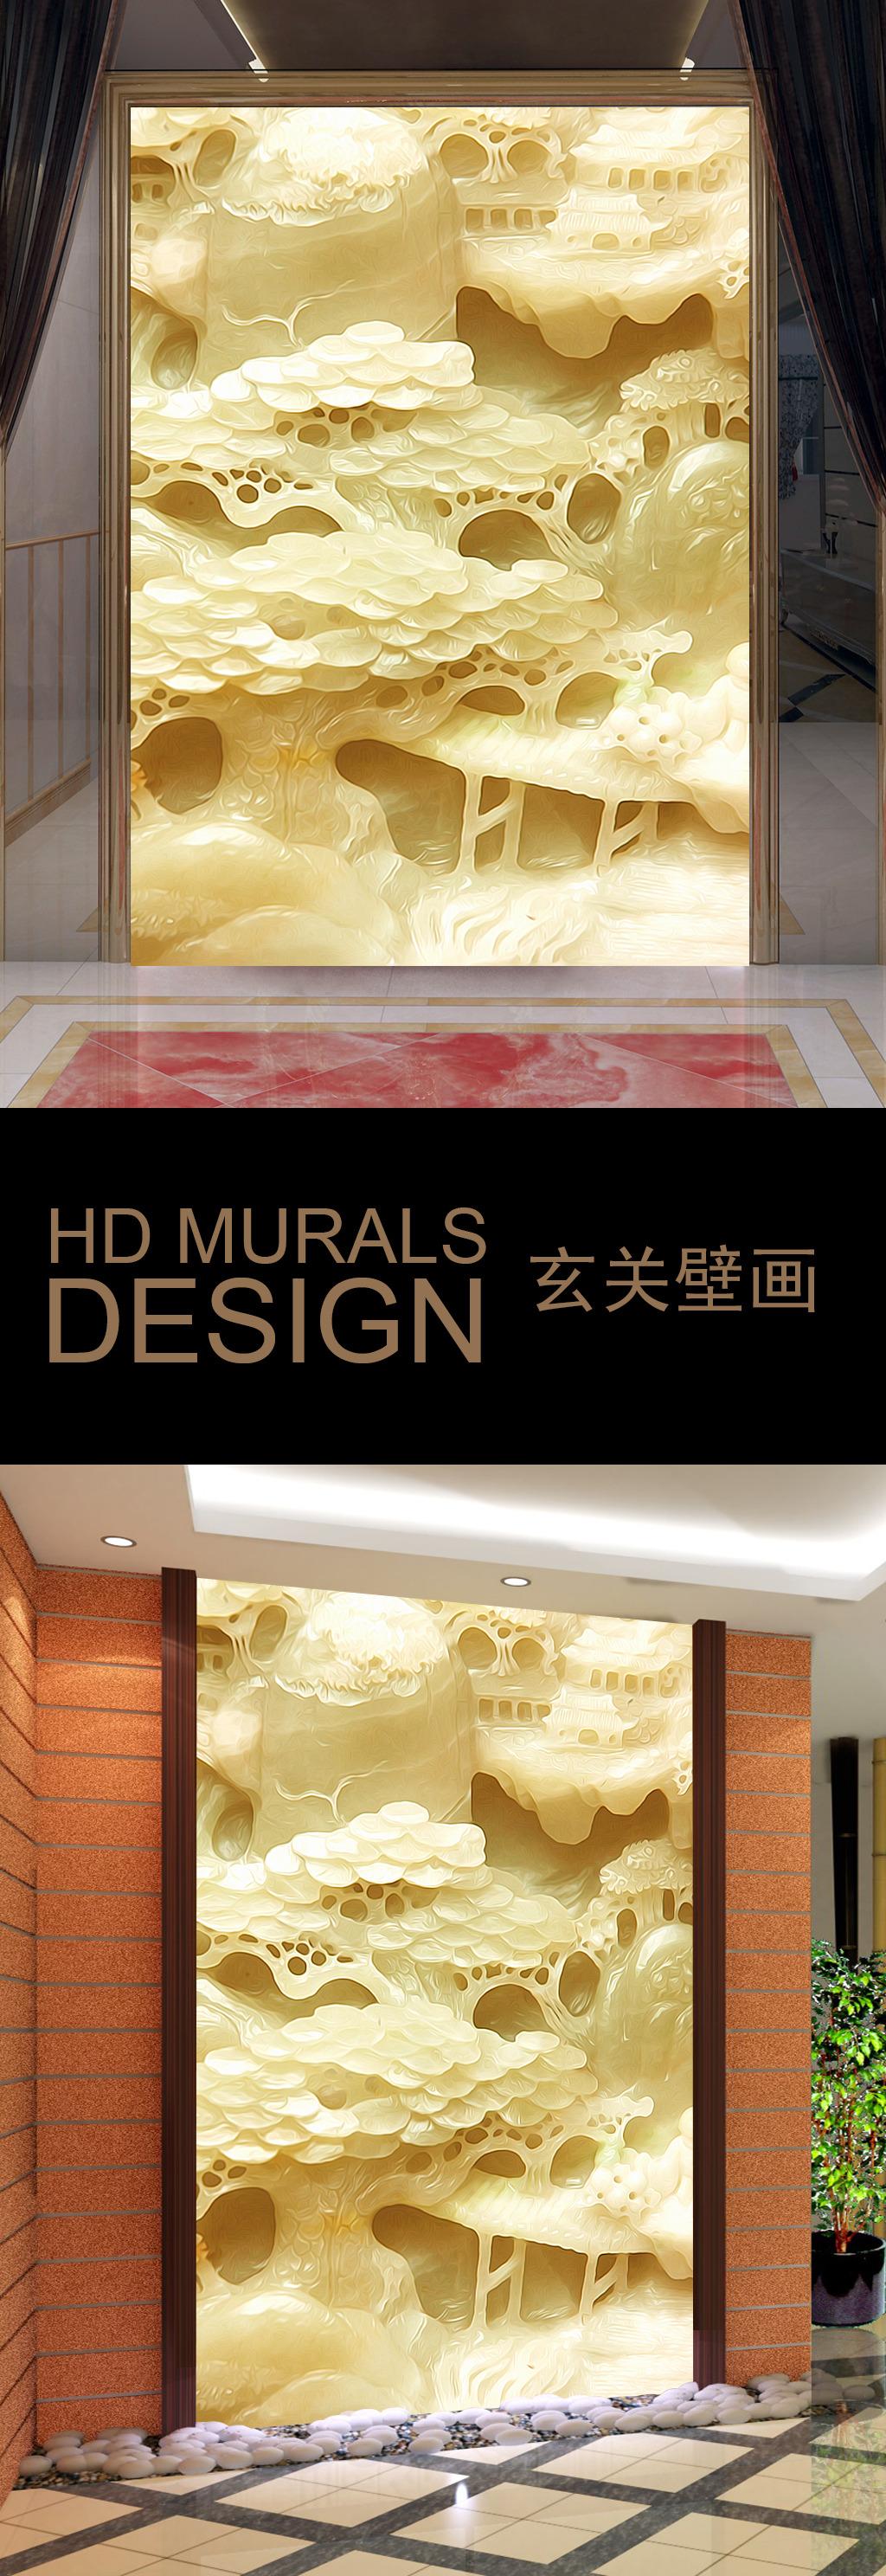 背景墙|装饰画 玄关 玉雕玄关 > 中式玉雕玄关壁画  下一张&gt